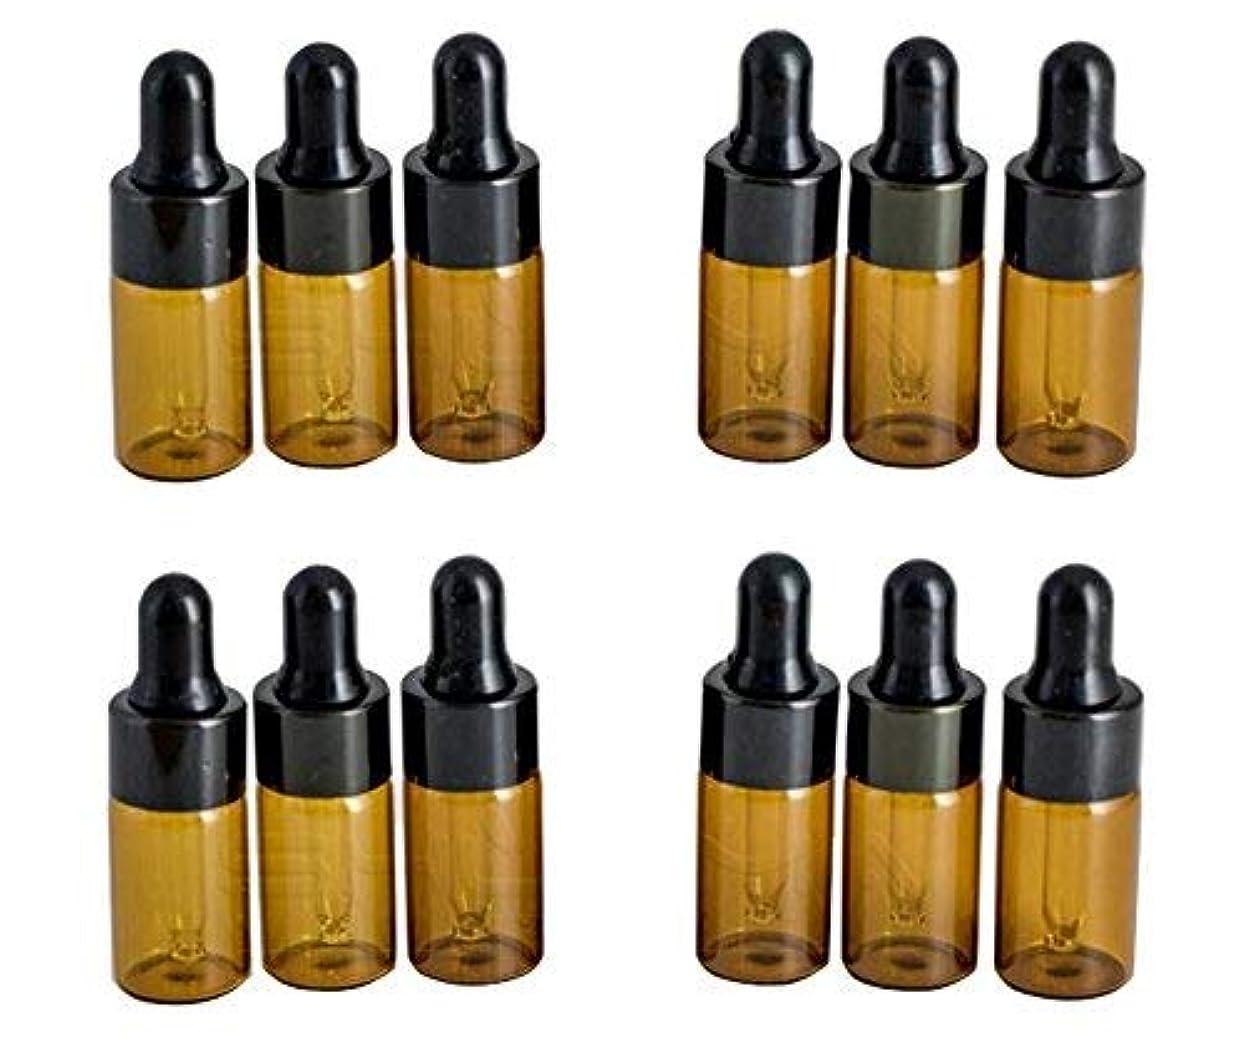 帰する生物学ガム12PCS 3ml/3ML Empty Refillable Amber Glass Essential Oil Bottles Makeup Cosmetic Sample Container Bottle Pot with...